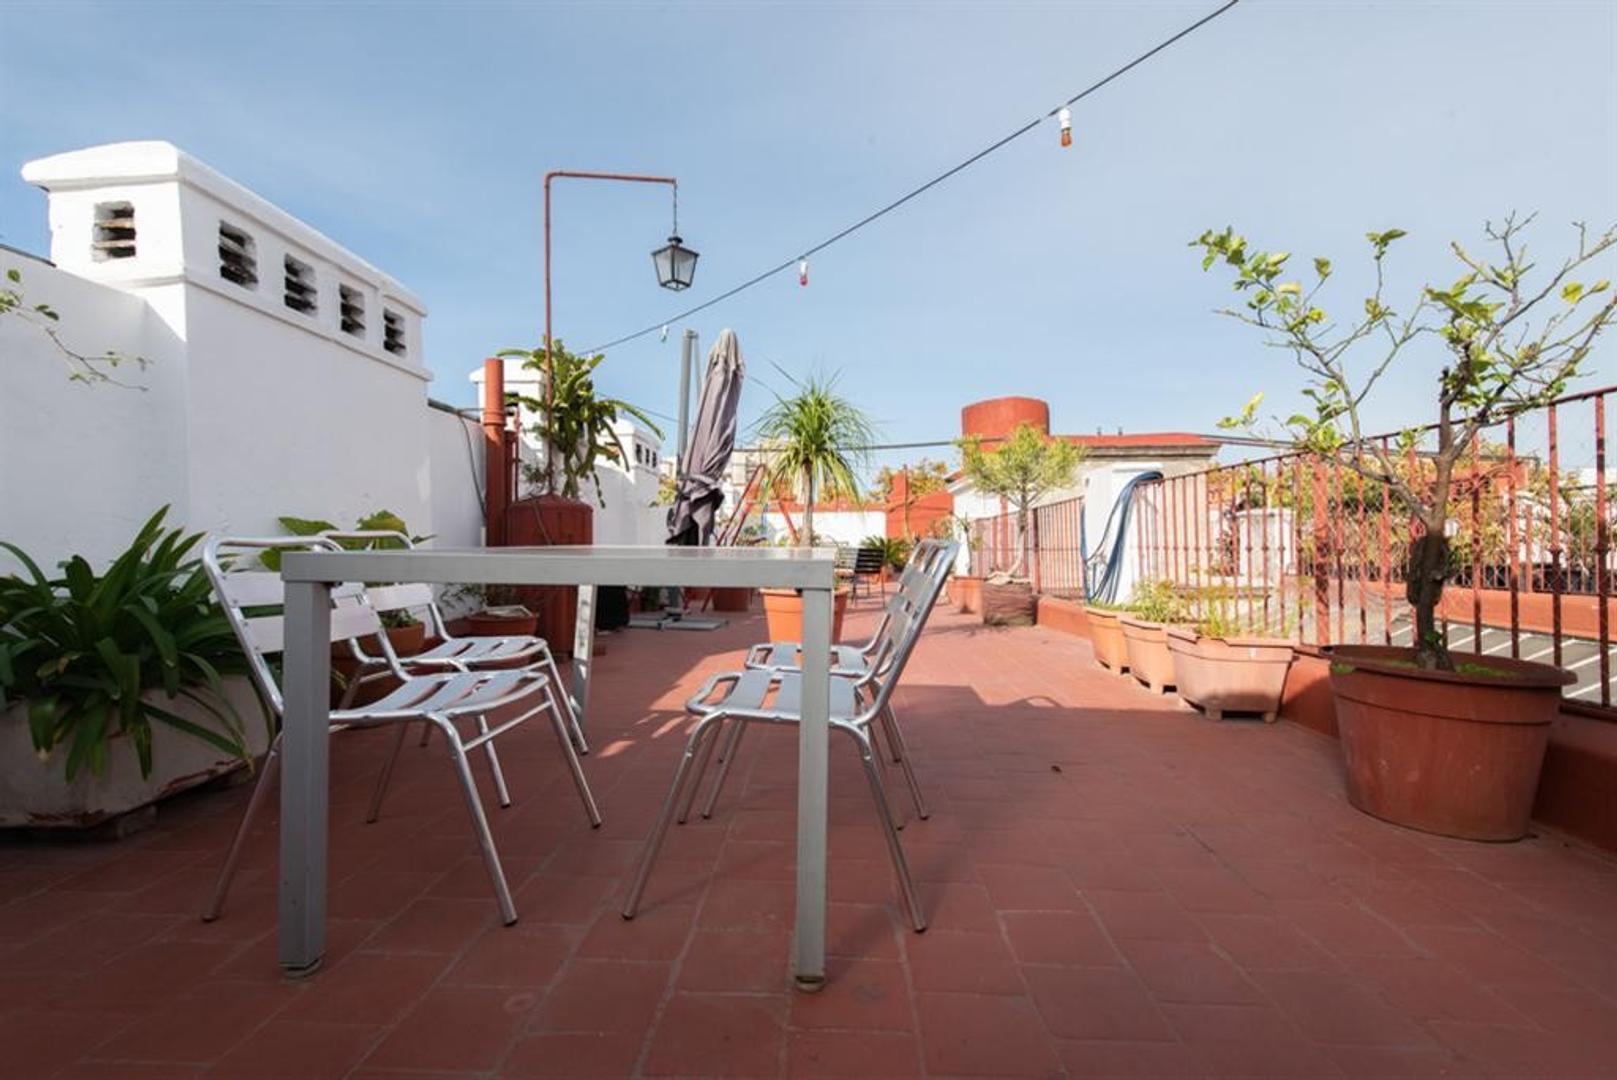 Departamento con terraza, muy bien reciclado.  - Foto 35